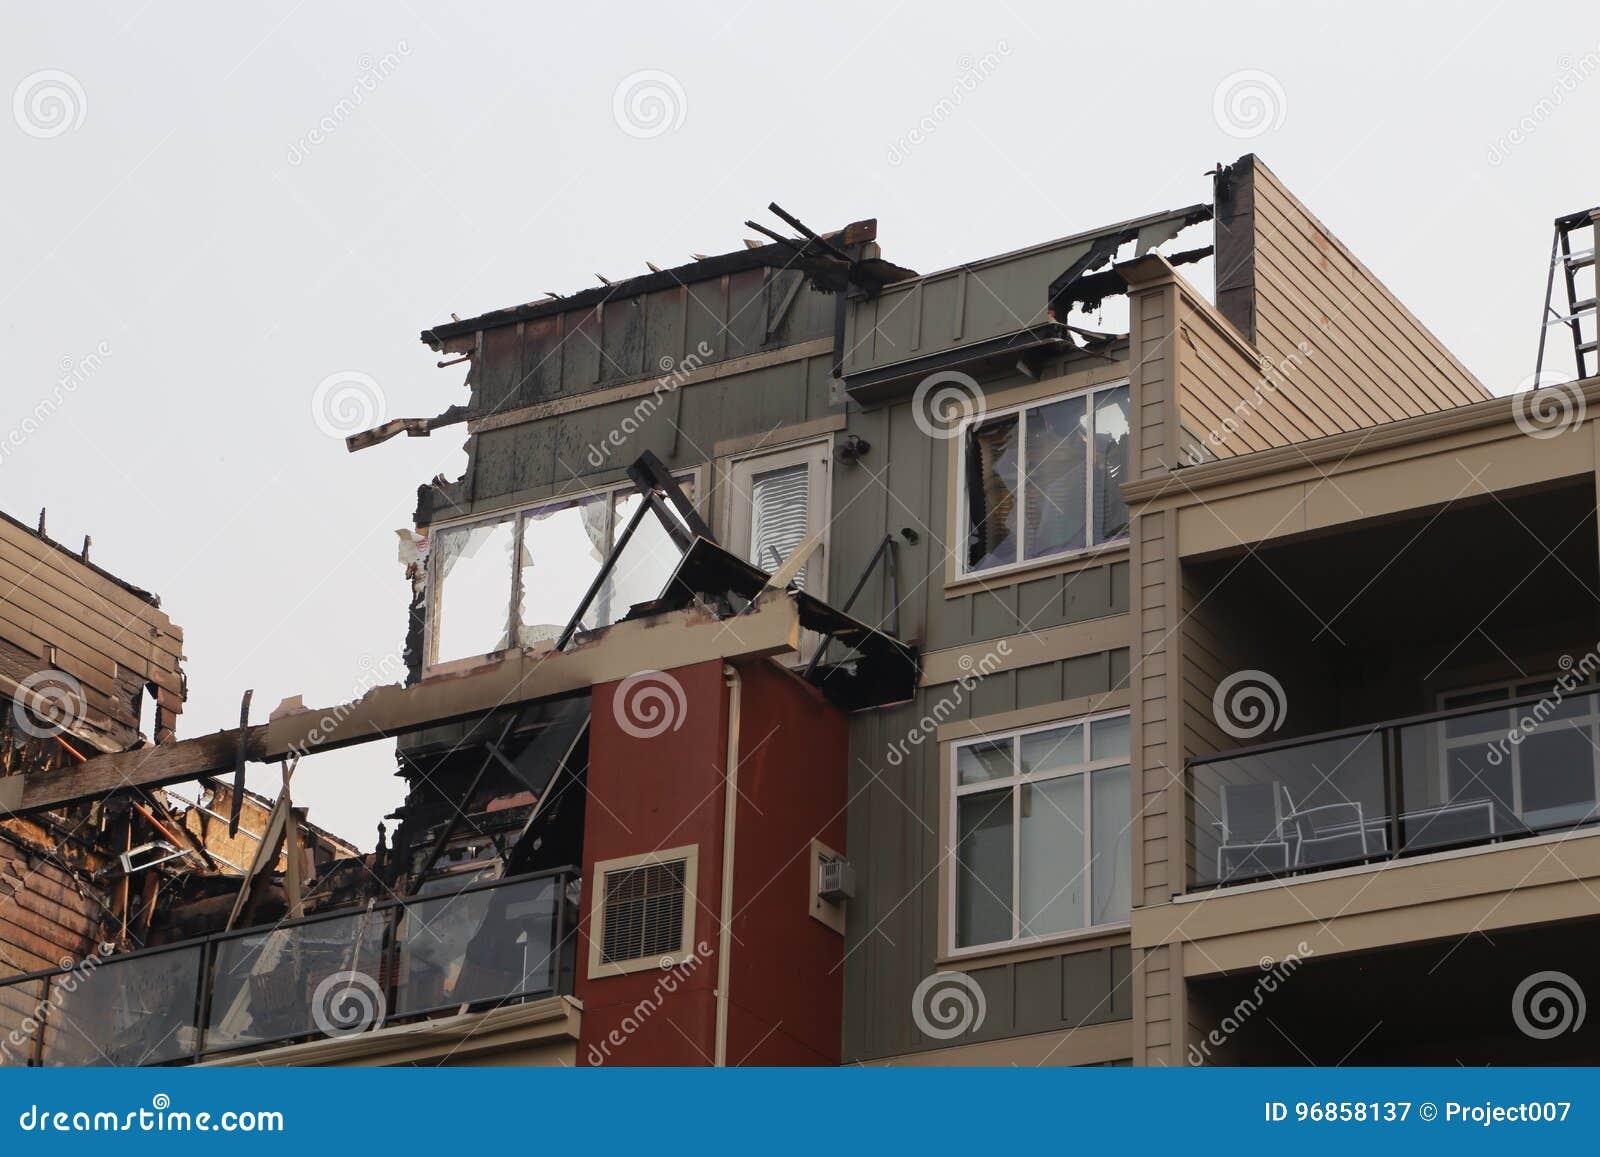 Ζώνη πυρκαγιάς στο διαμέρισμα - ασφαλιστικά αρχεία